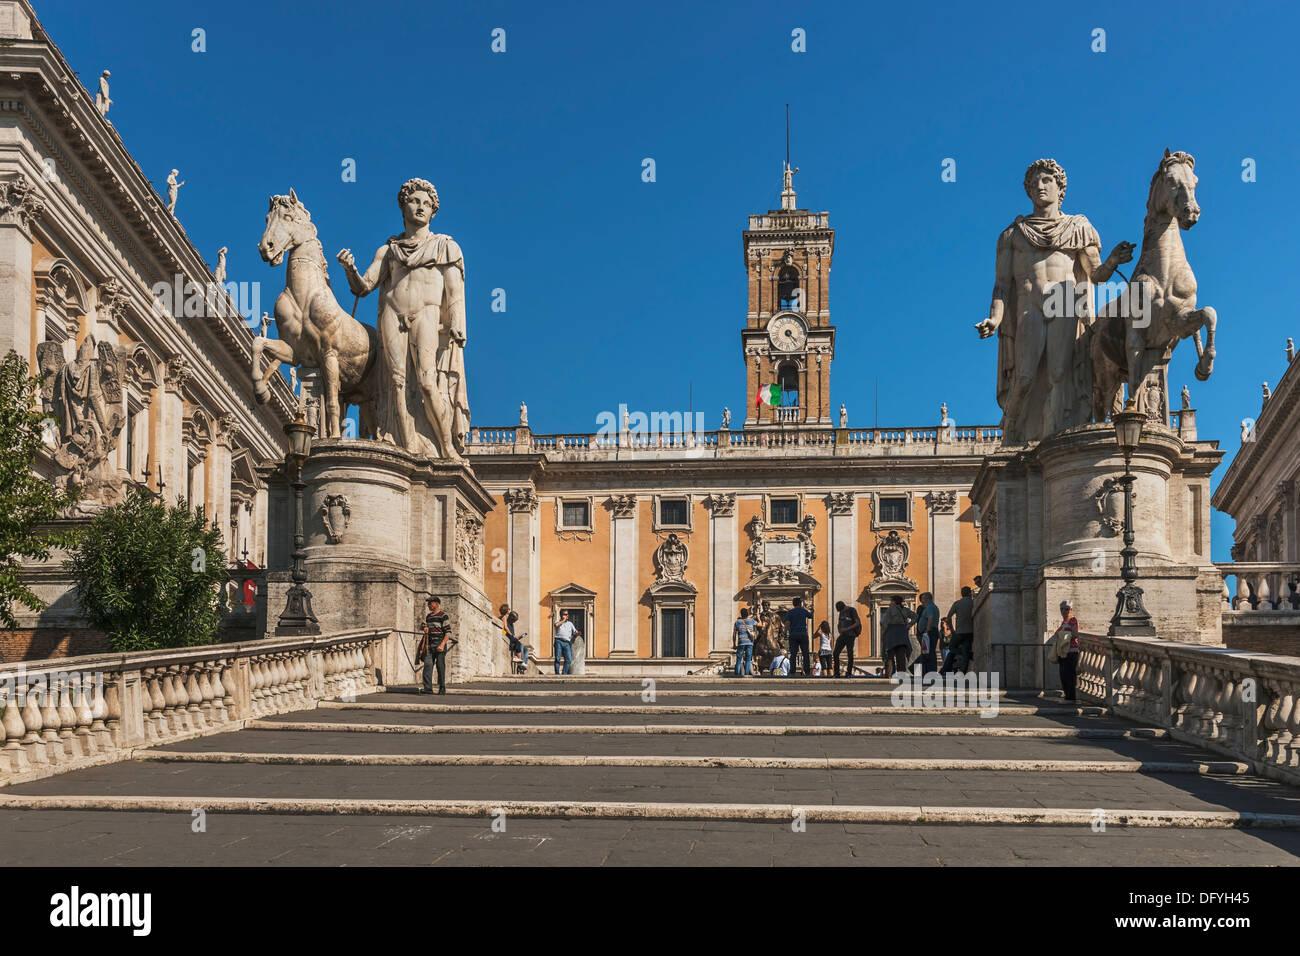 Ramp Stairs (cordonata) To Piazza Del Campidoglio. In The Background Is The  Senatorial Palace (Palazzo Senatorio), Rome, Italy